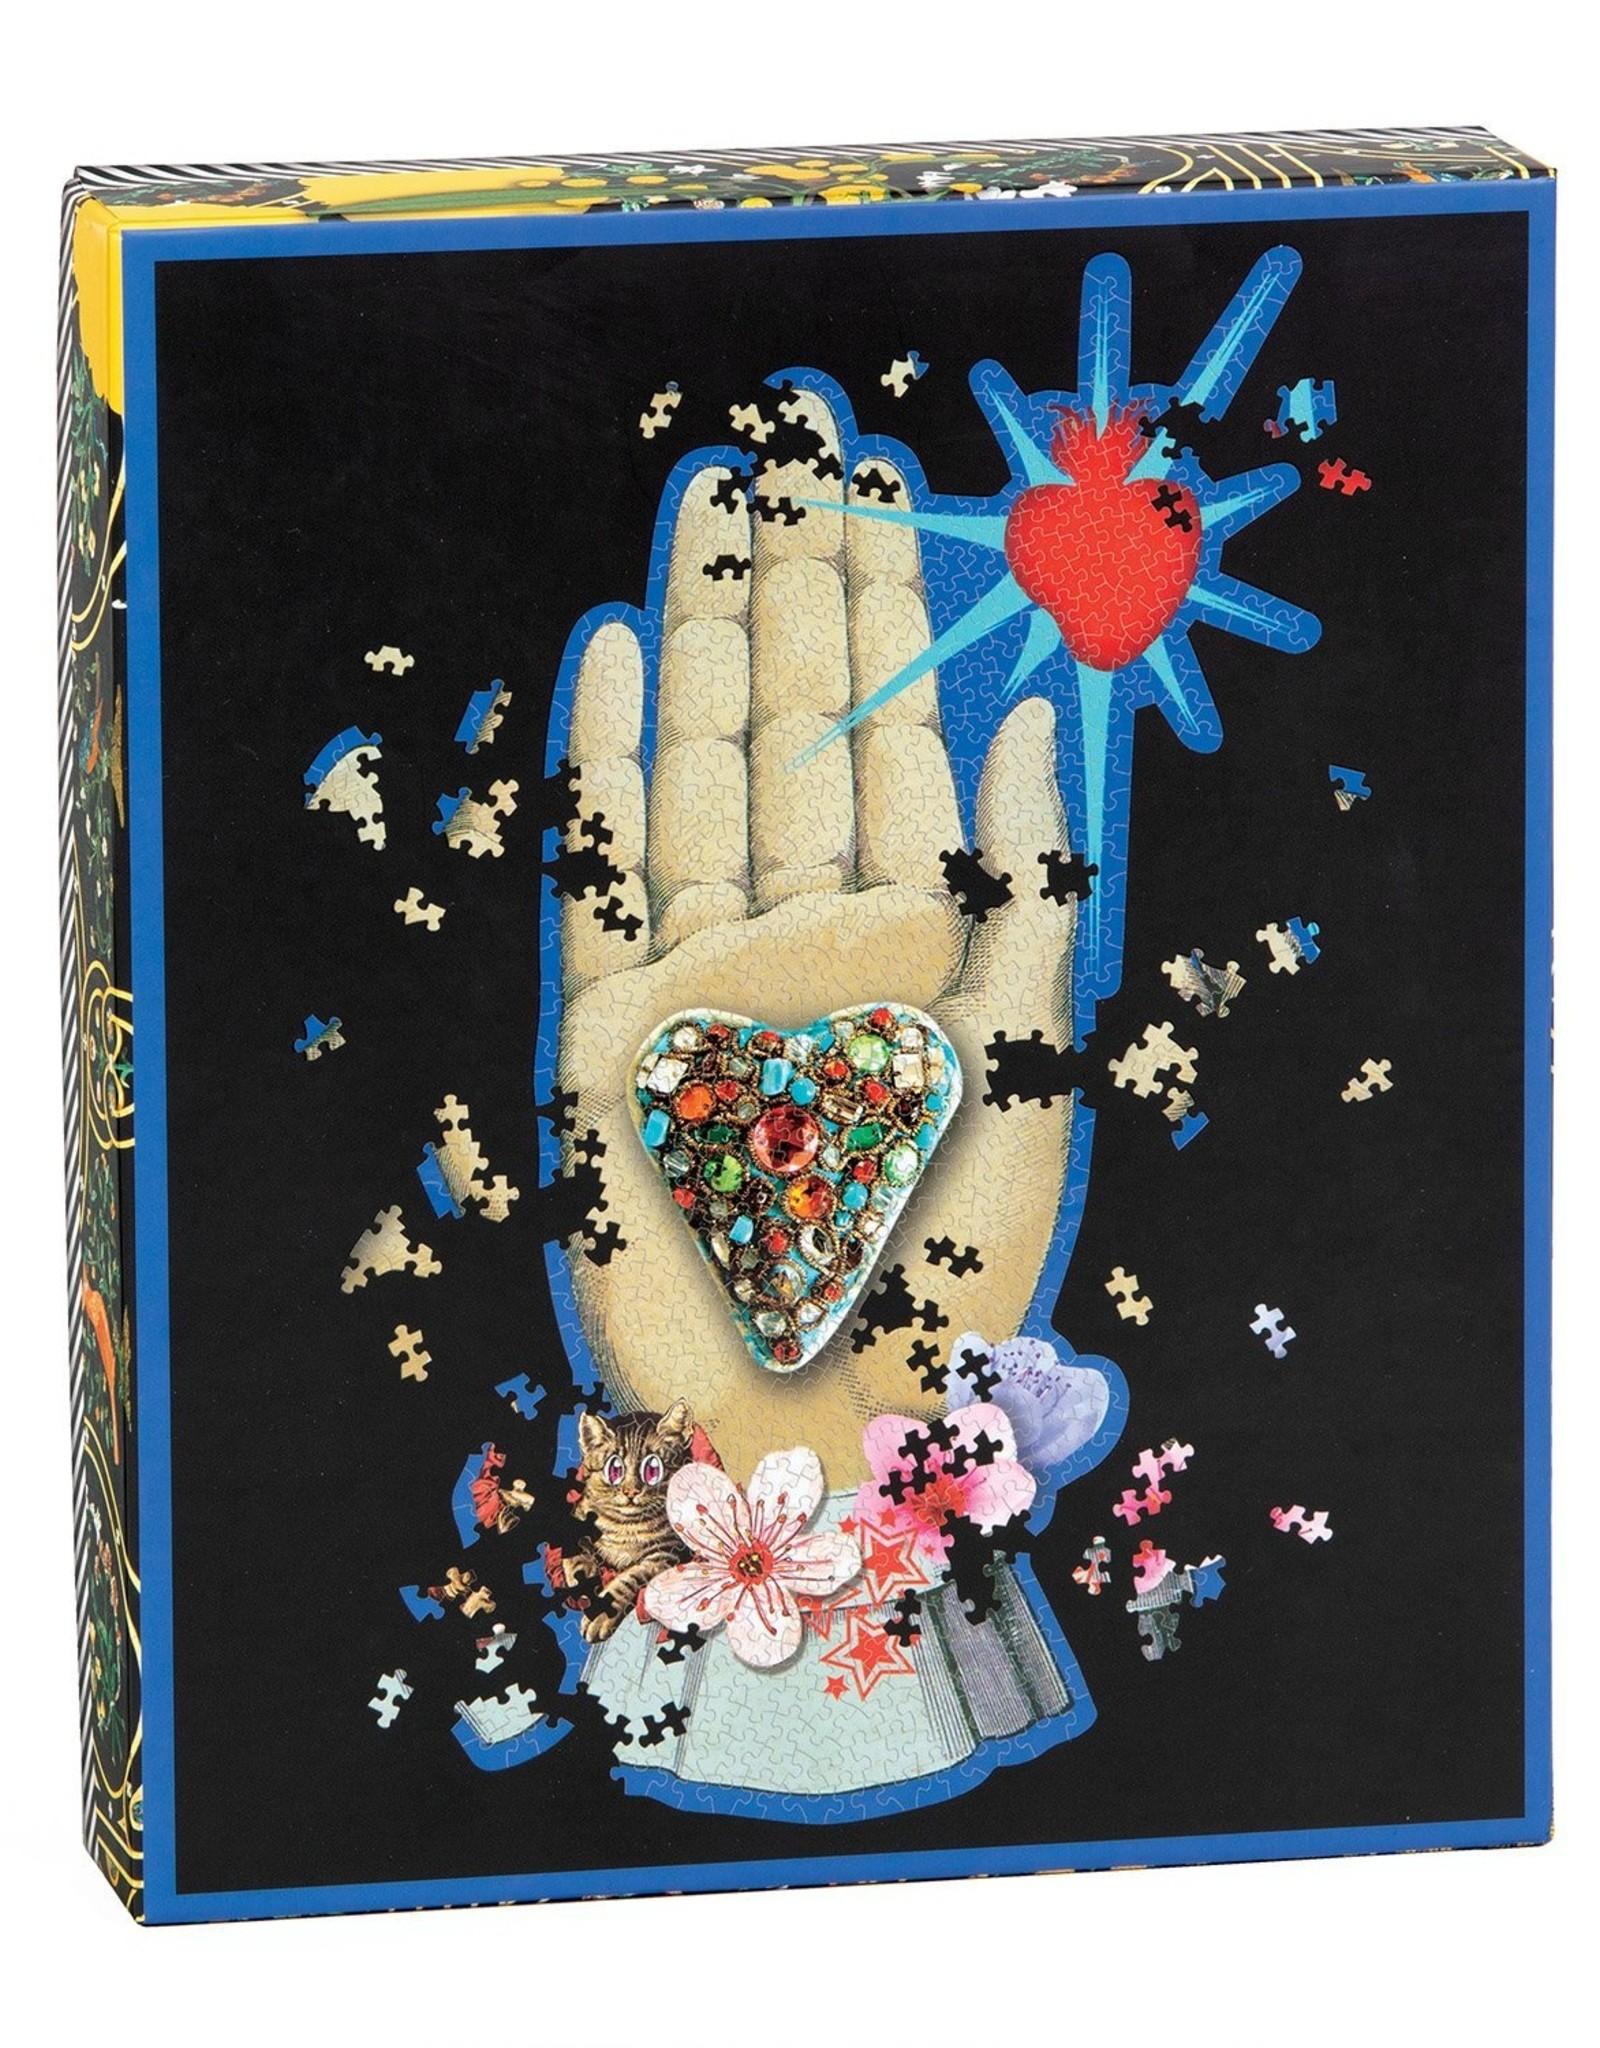 Puzzle: 750 piece Christian Lacroix Maison de Jeu Hand